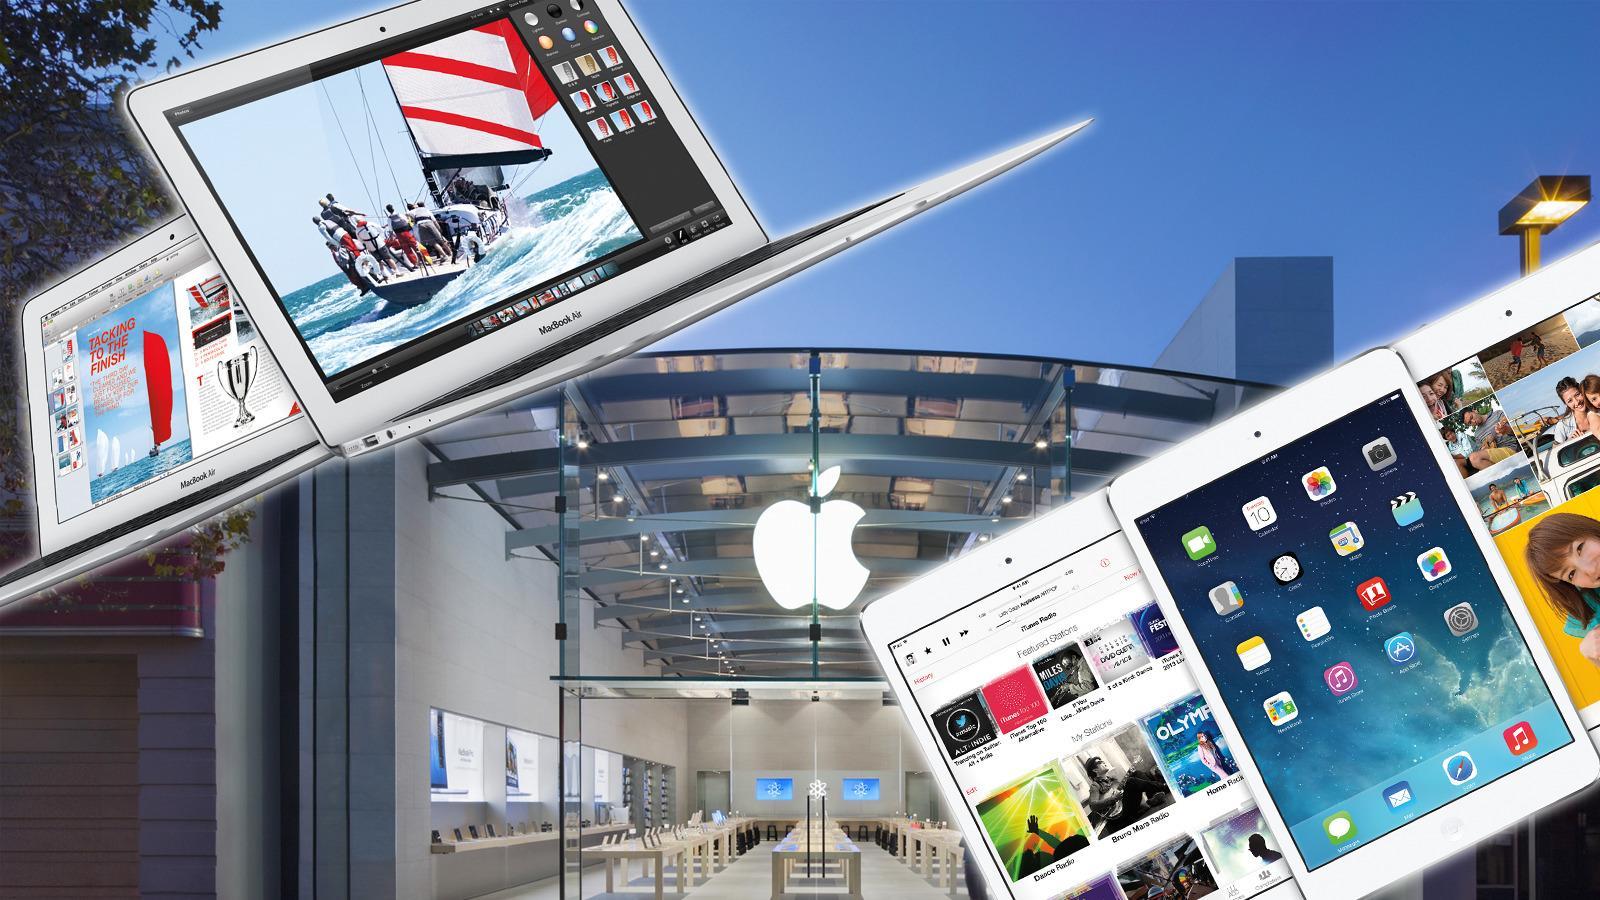 Hevder Apple nå er verdens femte største PC-produsent